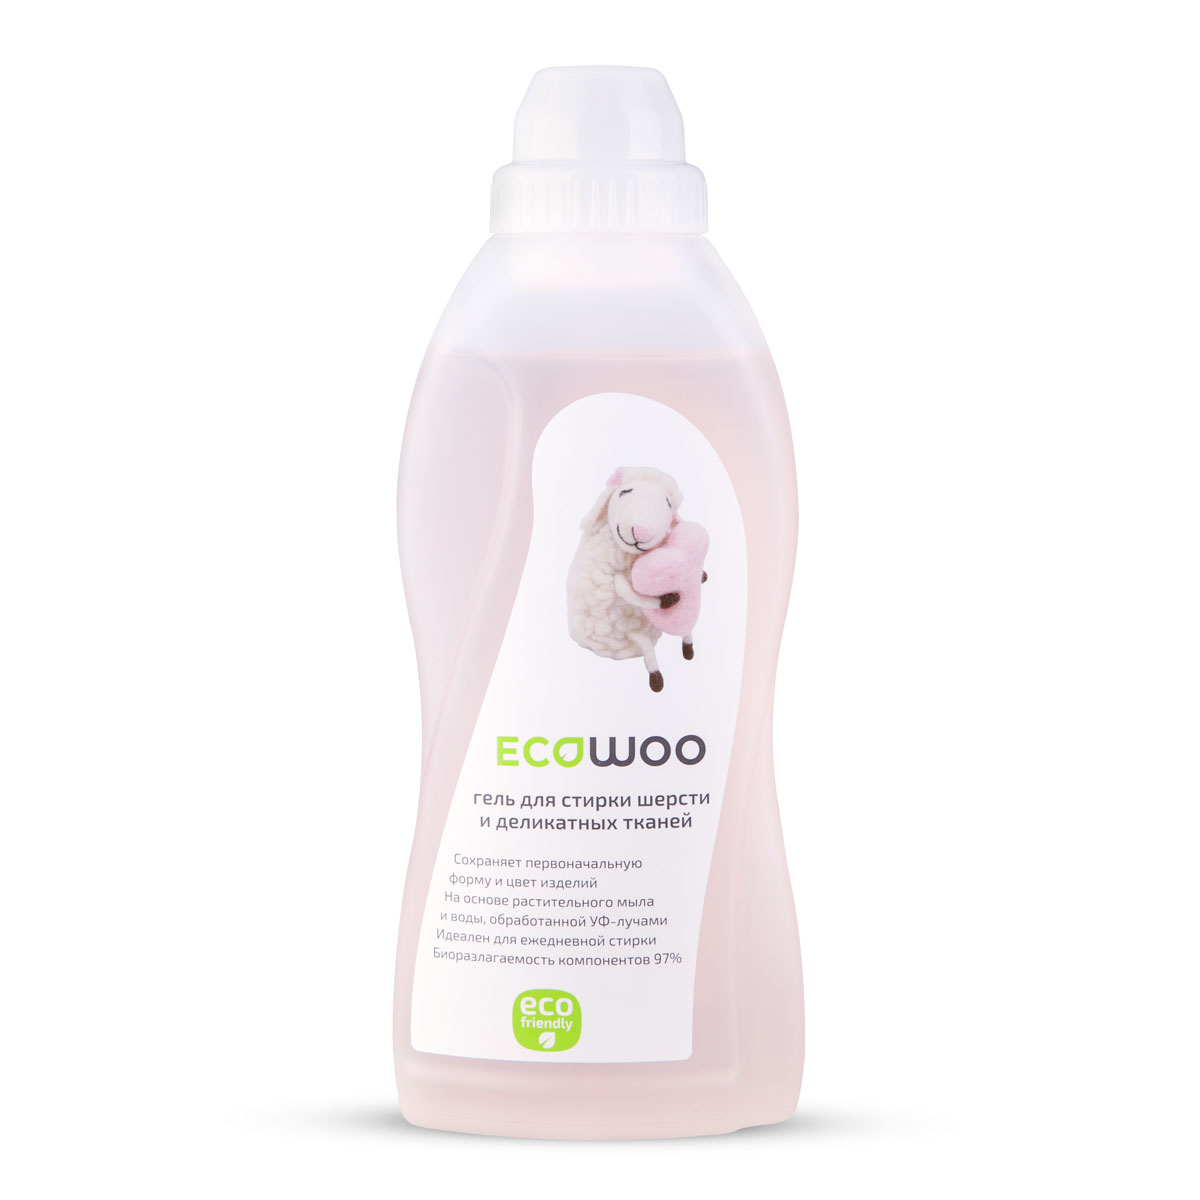 Гель EcoWoo для стирки шерсти и деликатных тканей, 0,7 лCLP446Гель EcoWoo - сохраняет первоначальную форму и цвет изделий. На основе растительного мыла и воды, обработанной Уф-лучами. Идеален для ежедневной стирки. Биоразлагаемость компонентов 97%.